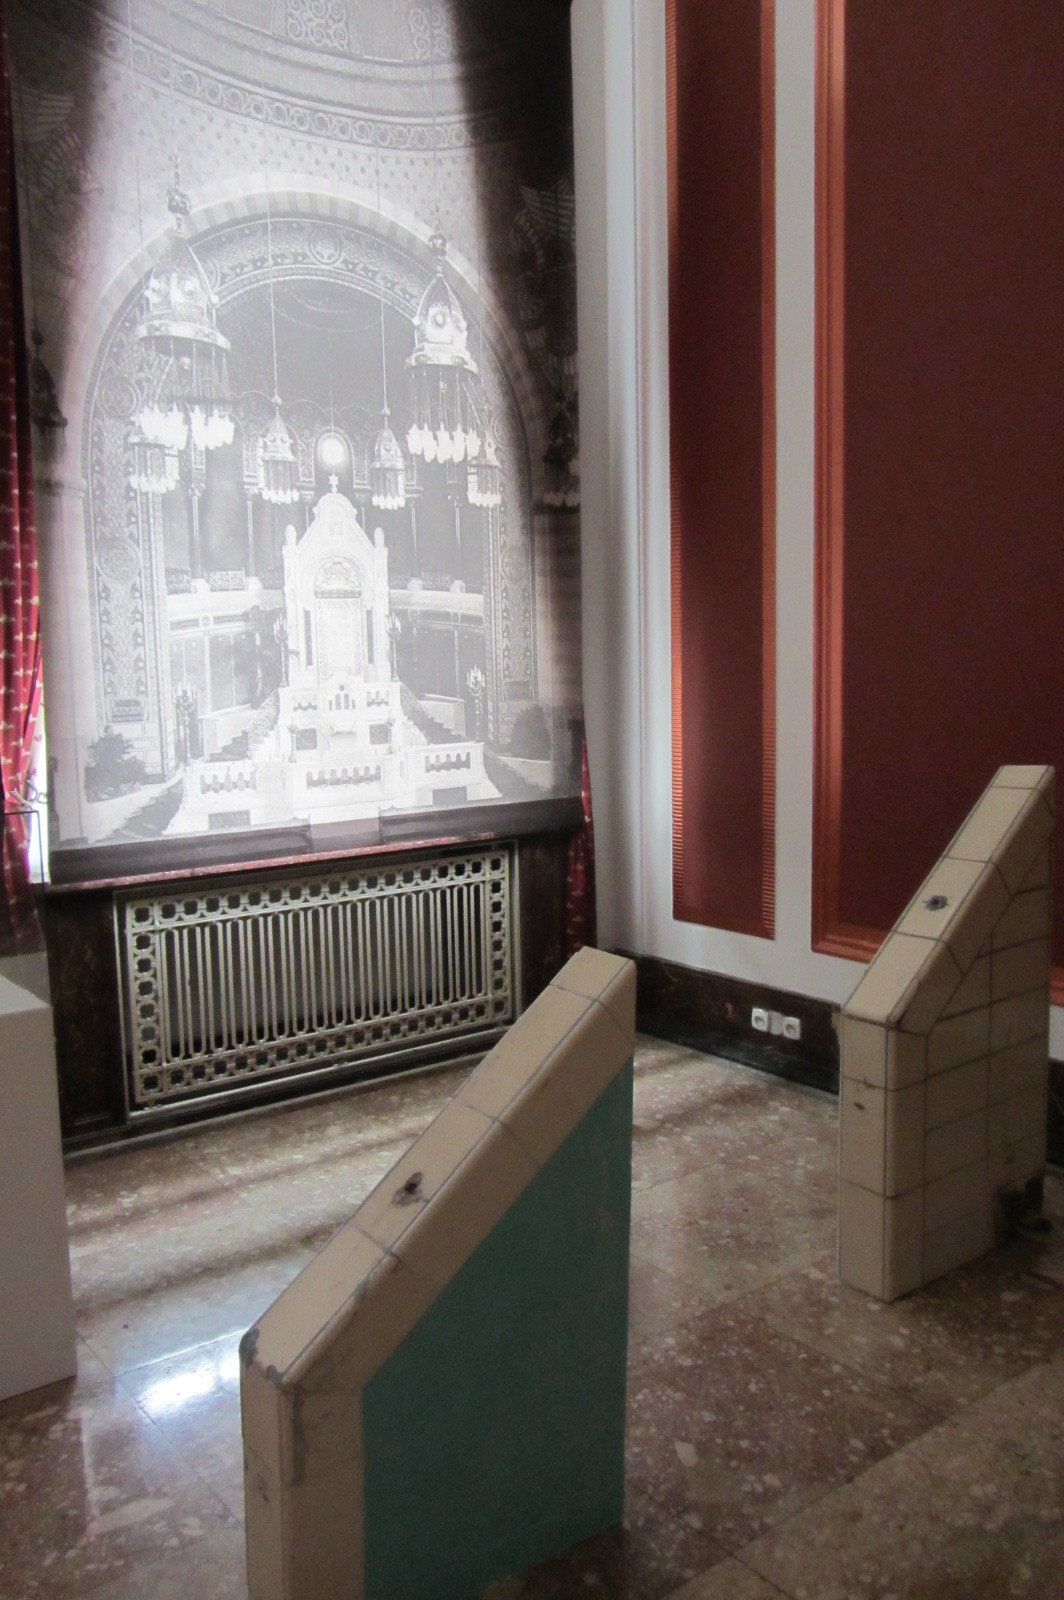 Oko pamięci, wycięte elementy wyposażenia pływalni, wtle zdjęcie pierwotnego wnętrza synagogi